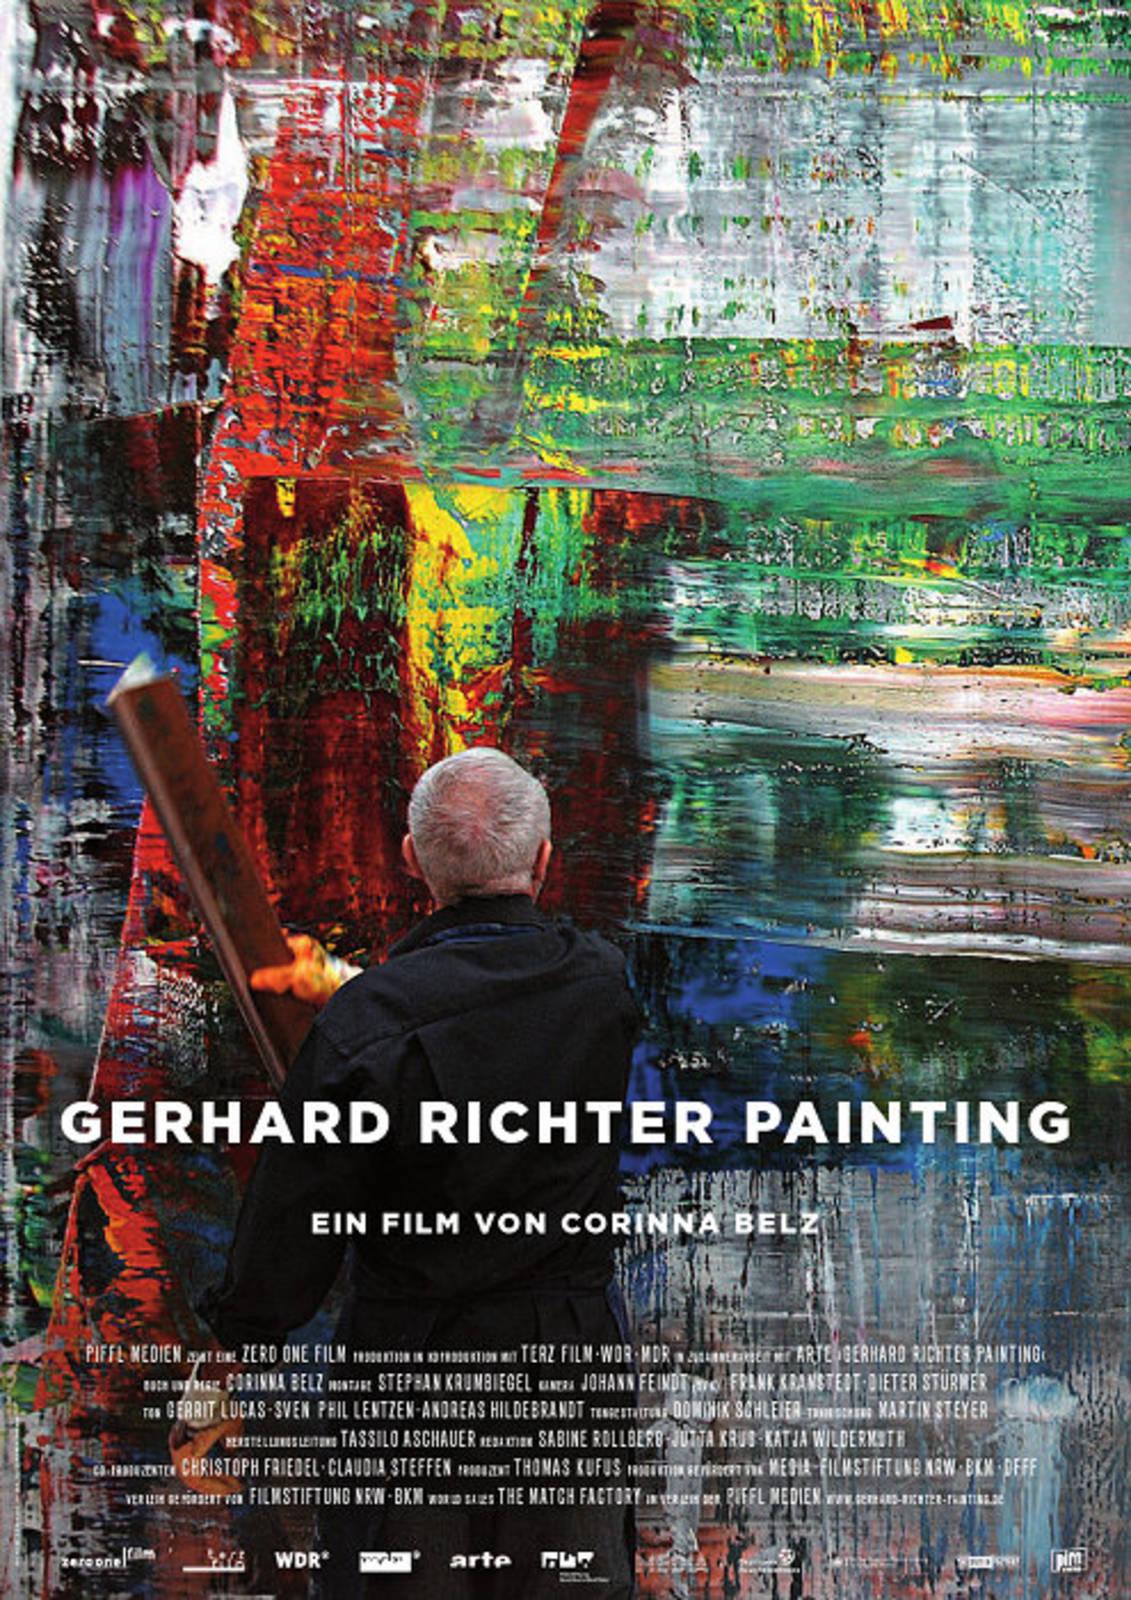 Film Gerhard Richter